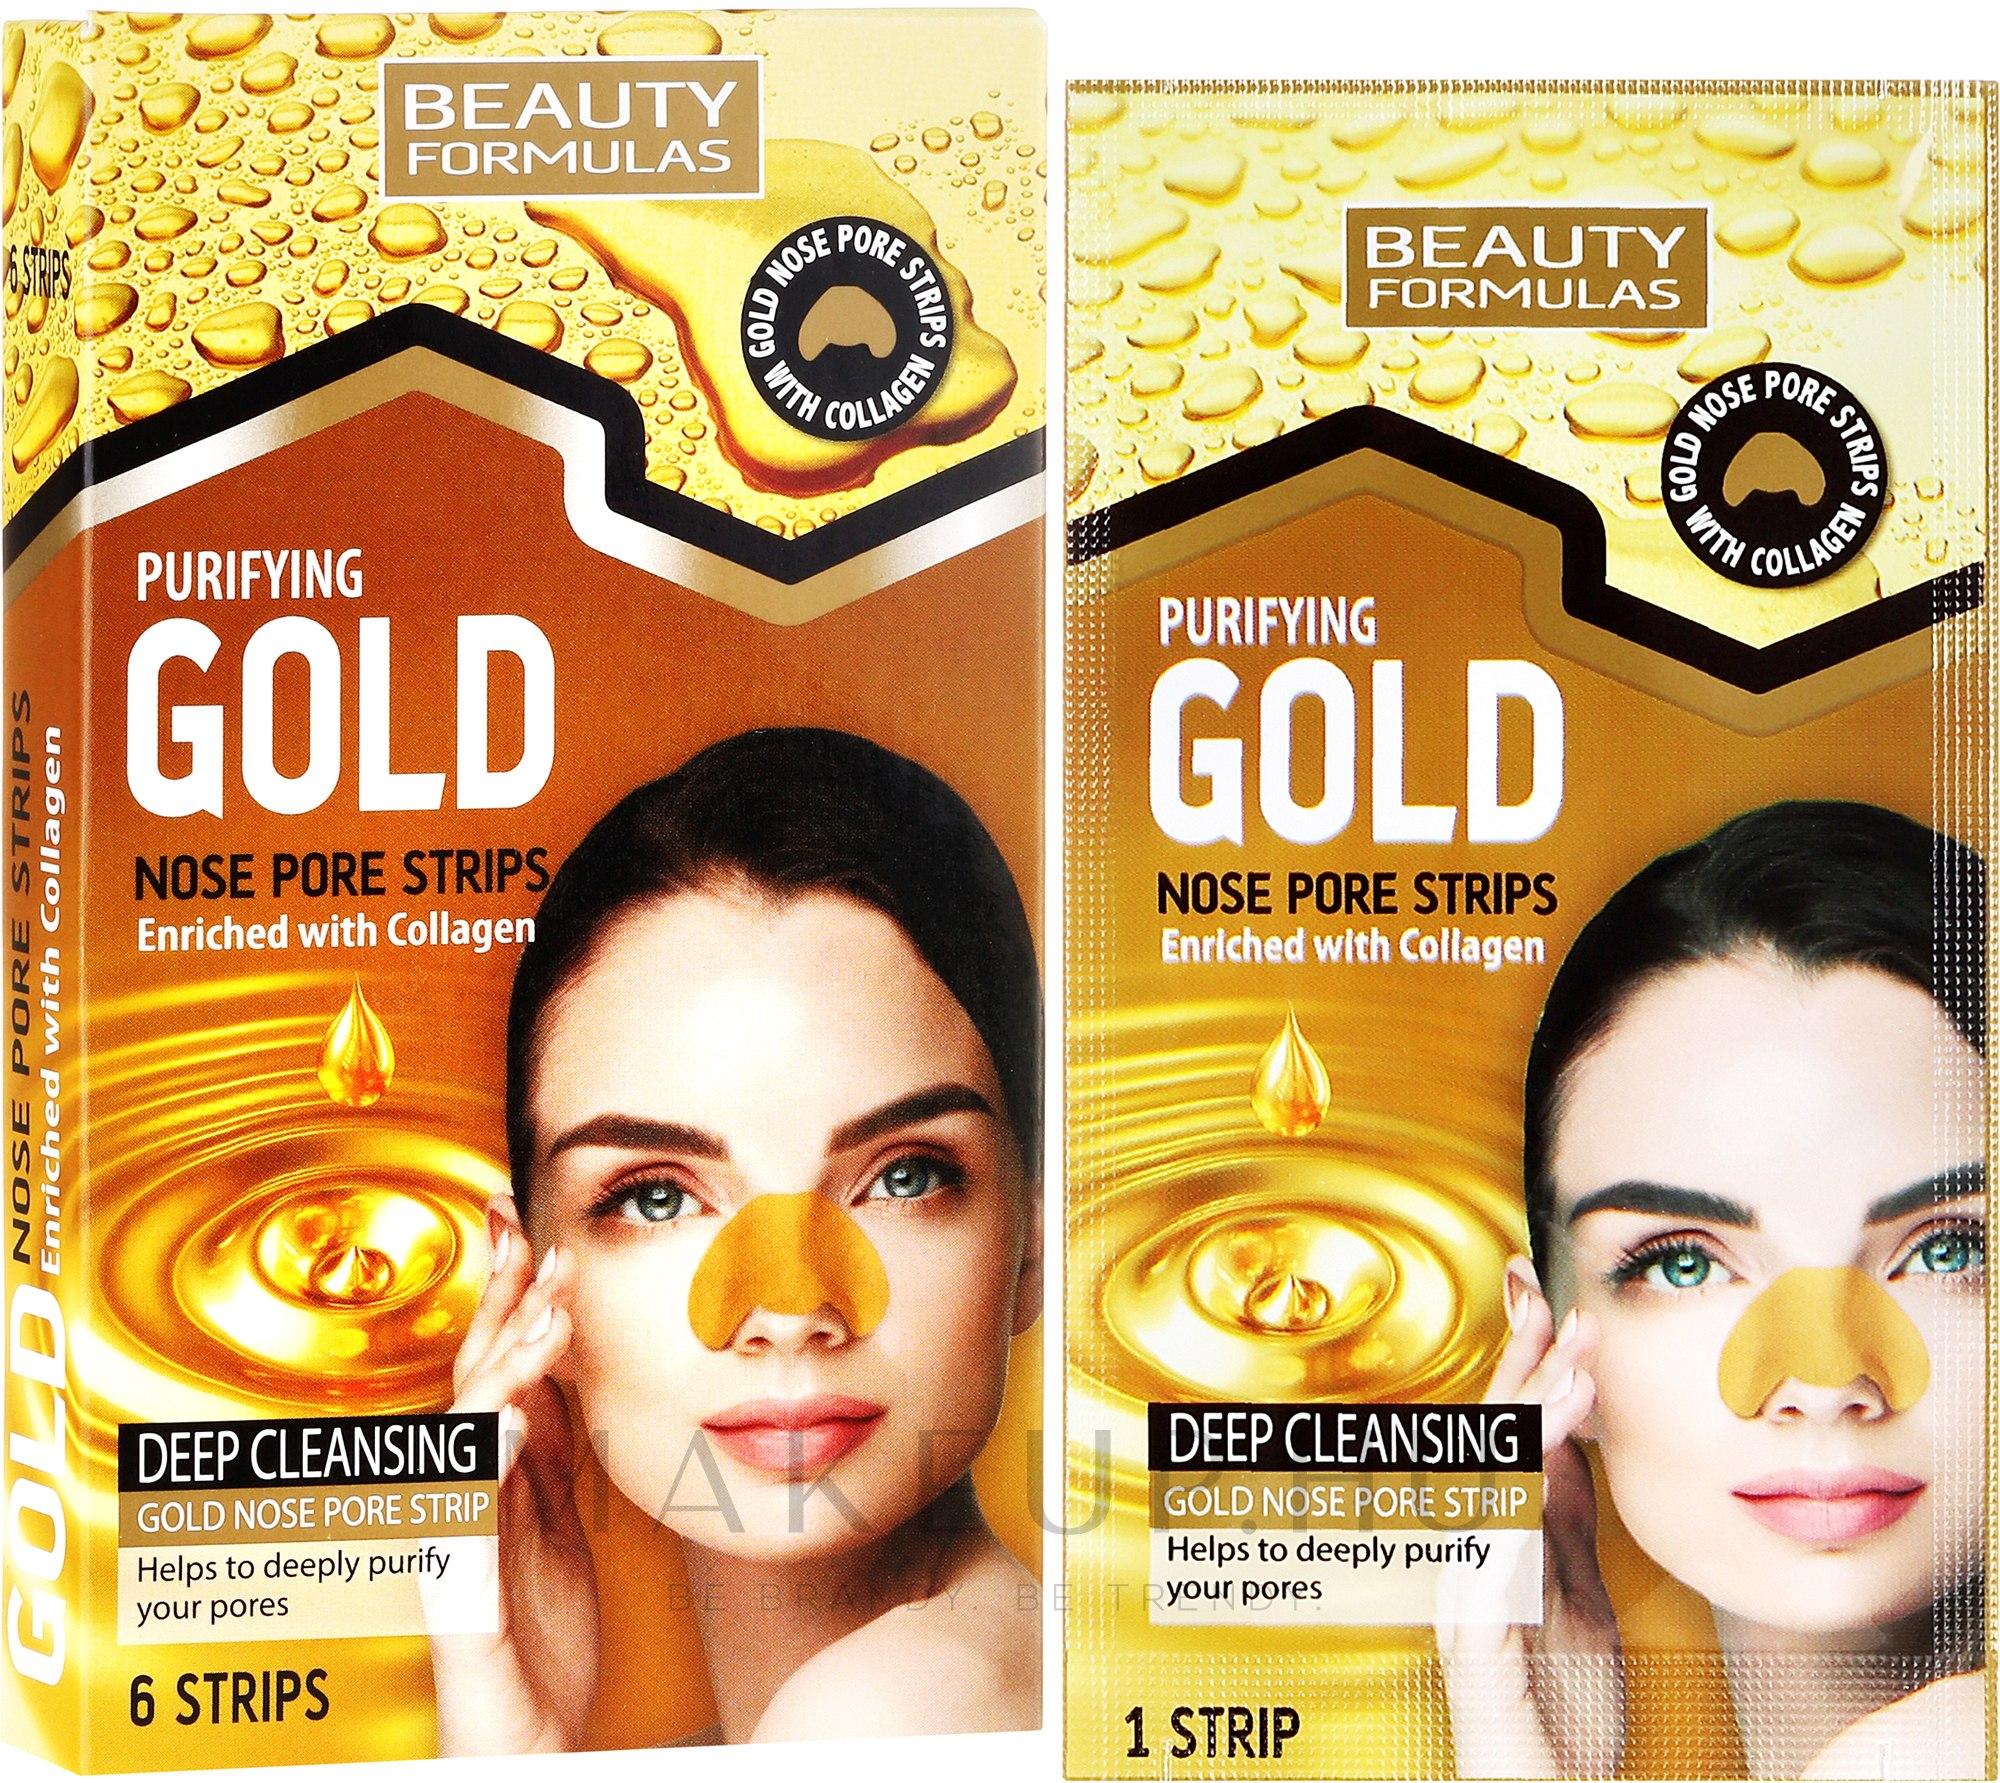 Lehúzható mitesszereltávolító maszk orra - Beauty Formulas Purifying Gold Nose Pore Strips — fotó 6 db.